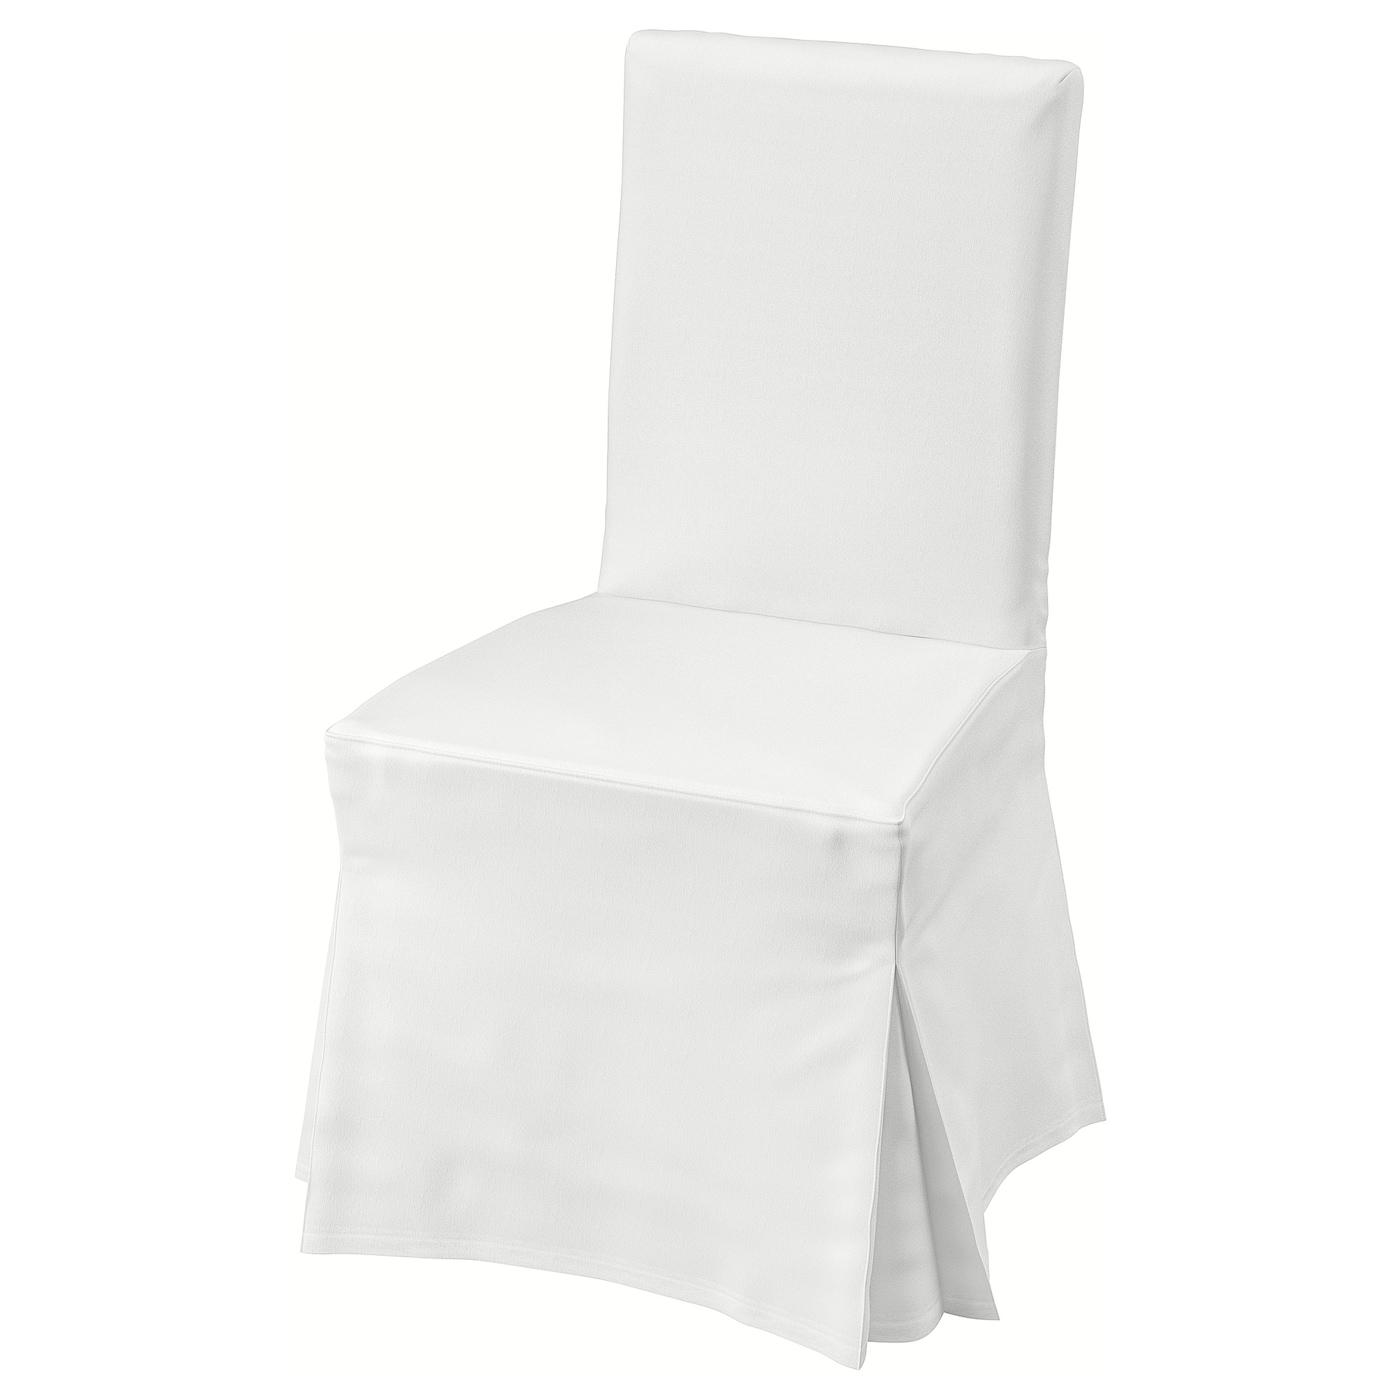 HENRIKSDAL Stolsstomme, vit IKEA